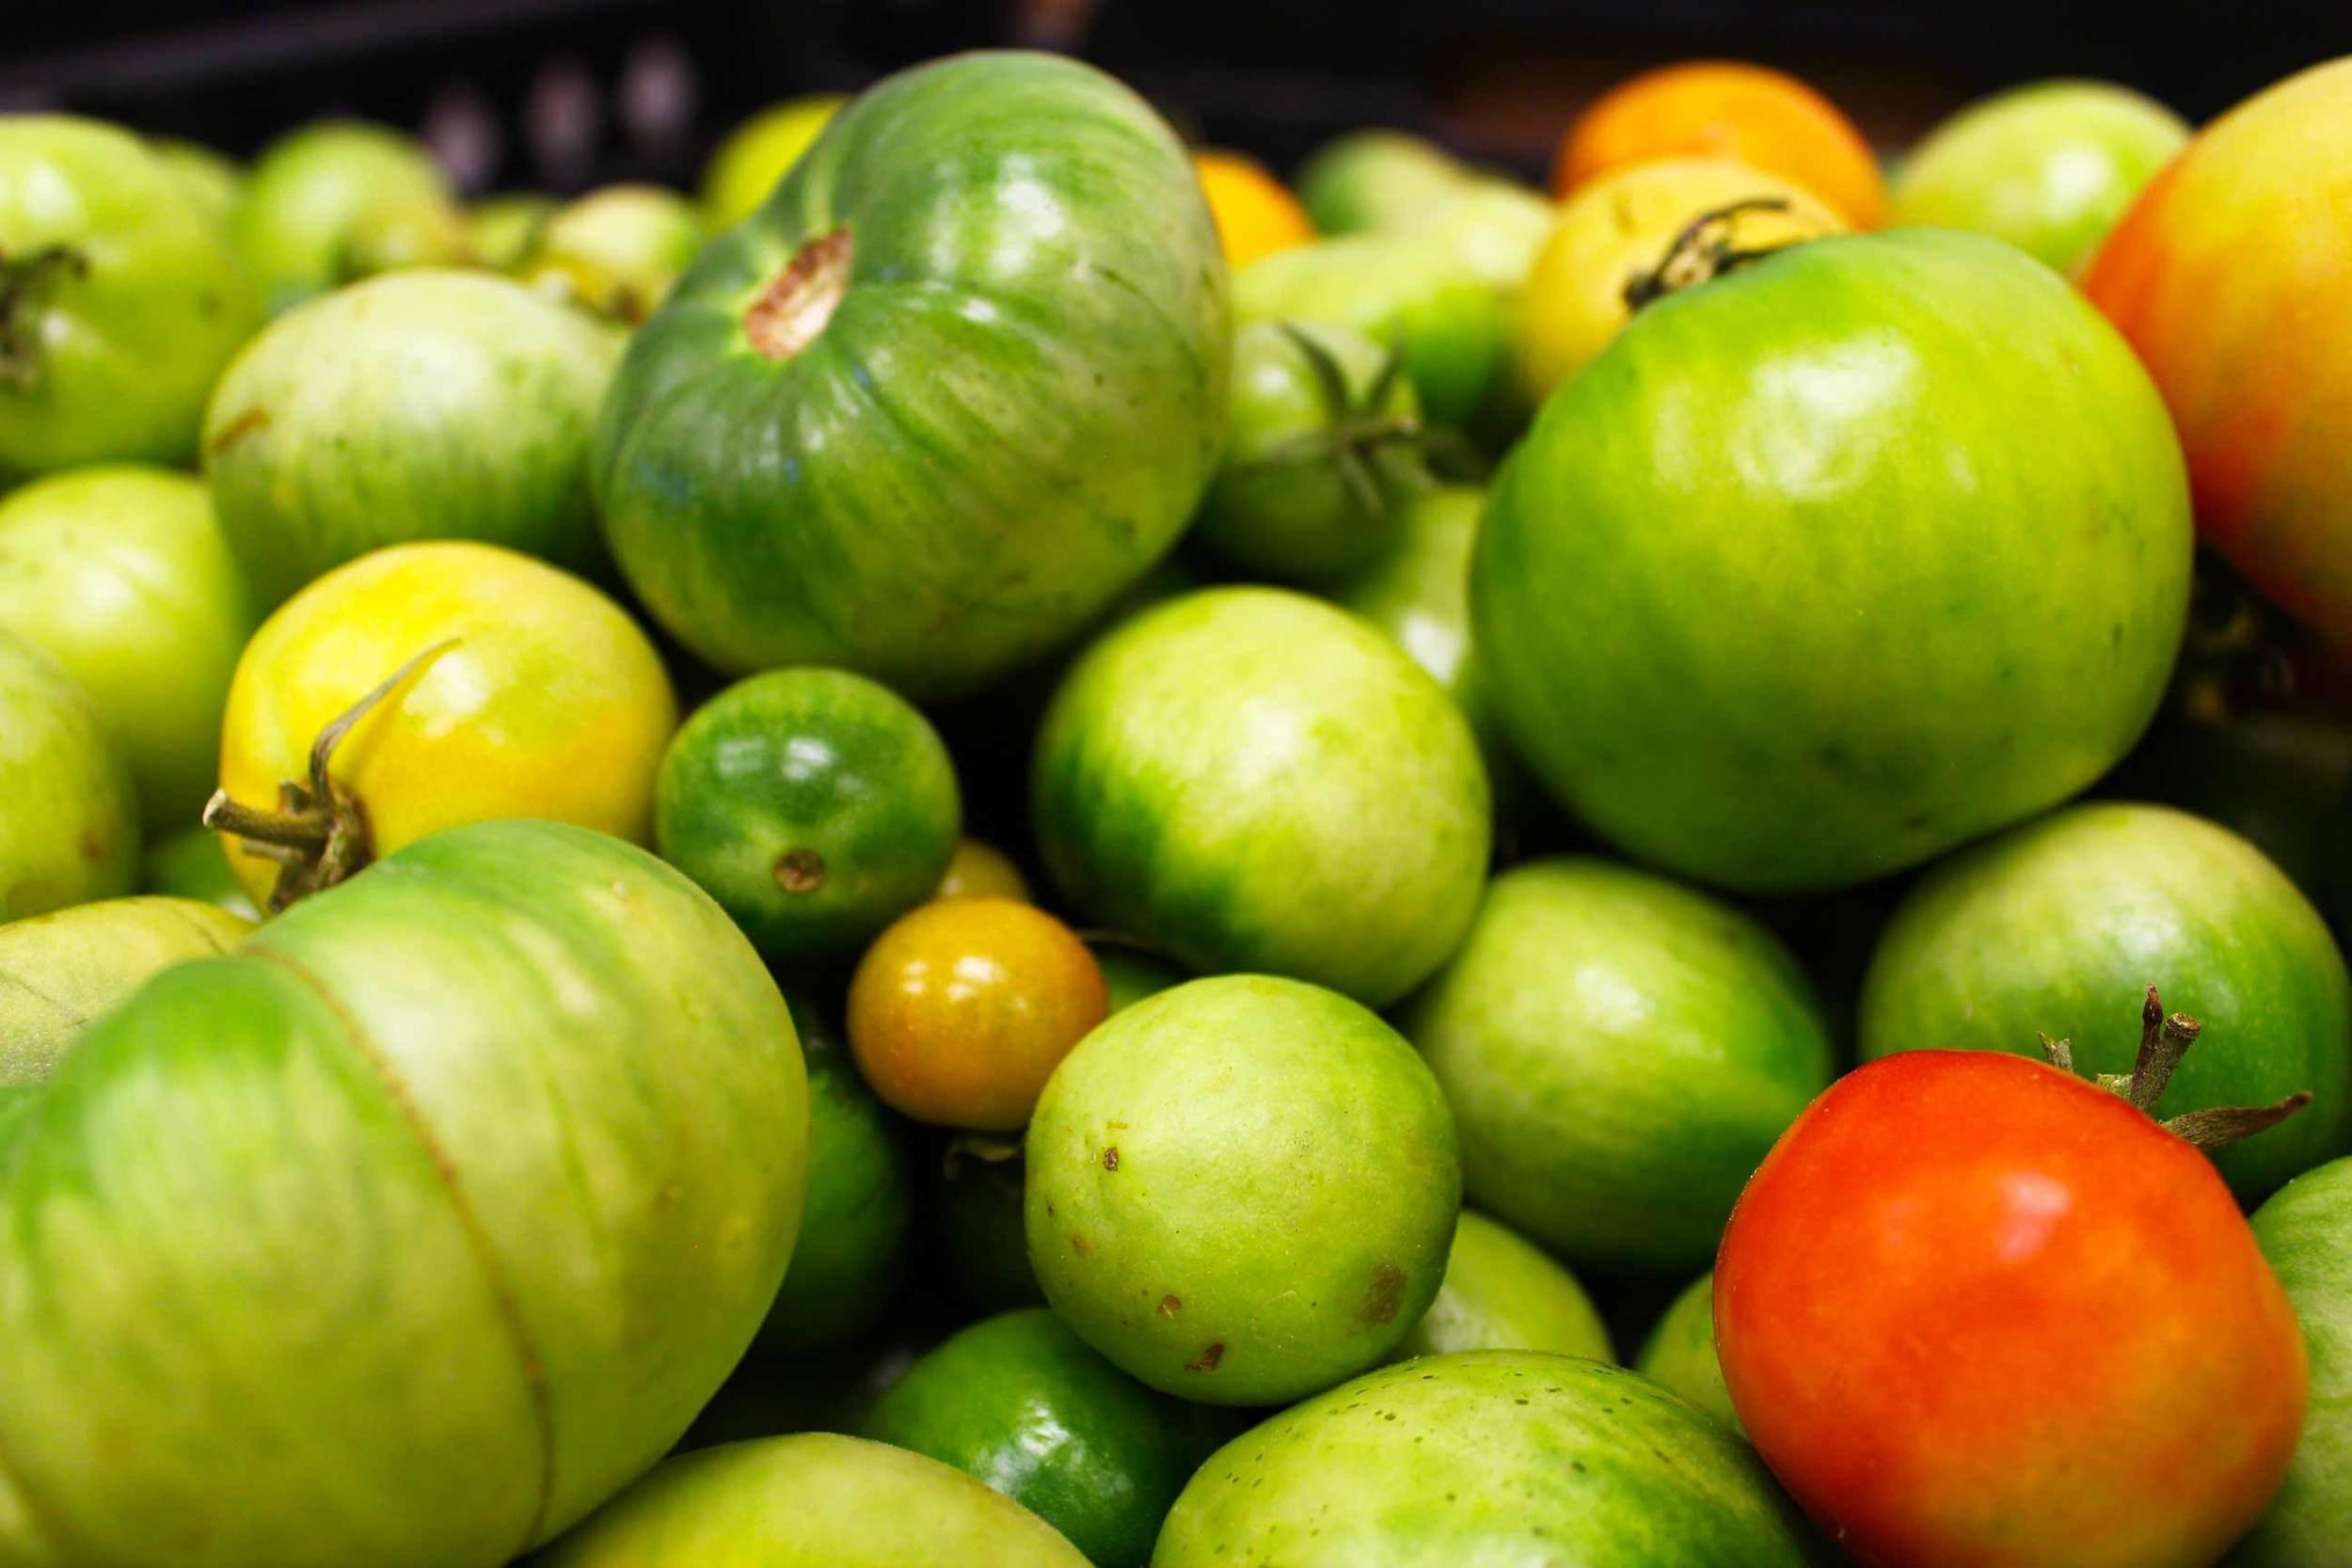 IMG_5626_Mtuccis_Tomatoes.jpg